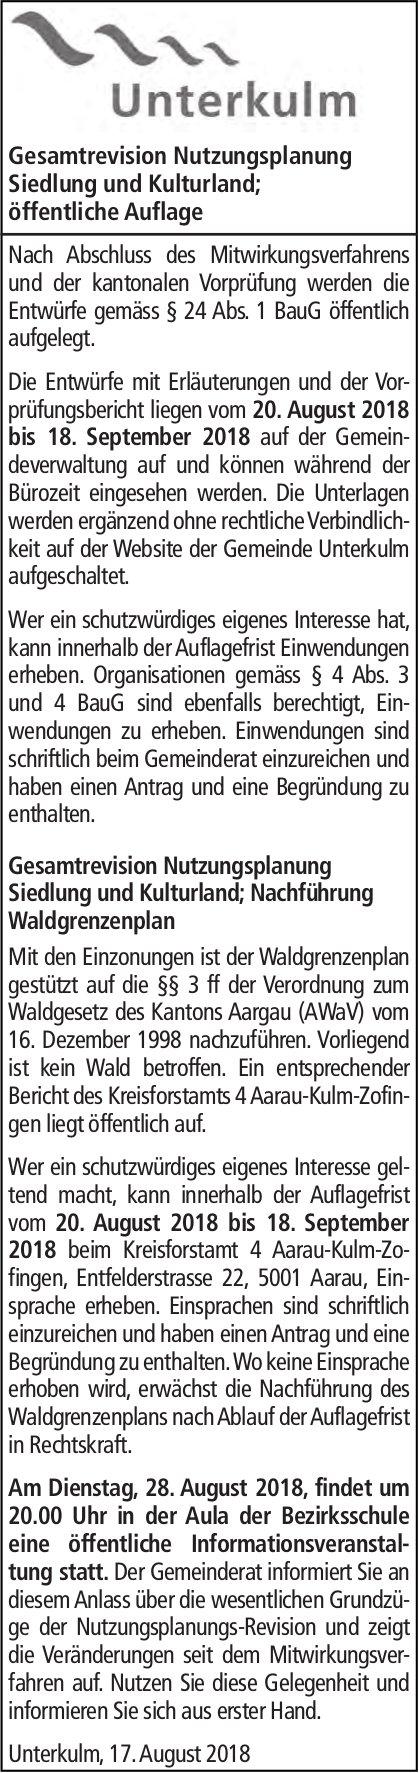 Öffentliche Auflage, Gesamtrevision Nutzungsplanung Siedlung und Kulturland, Unterkulm